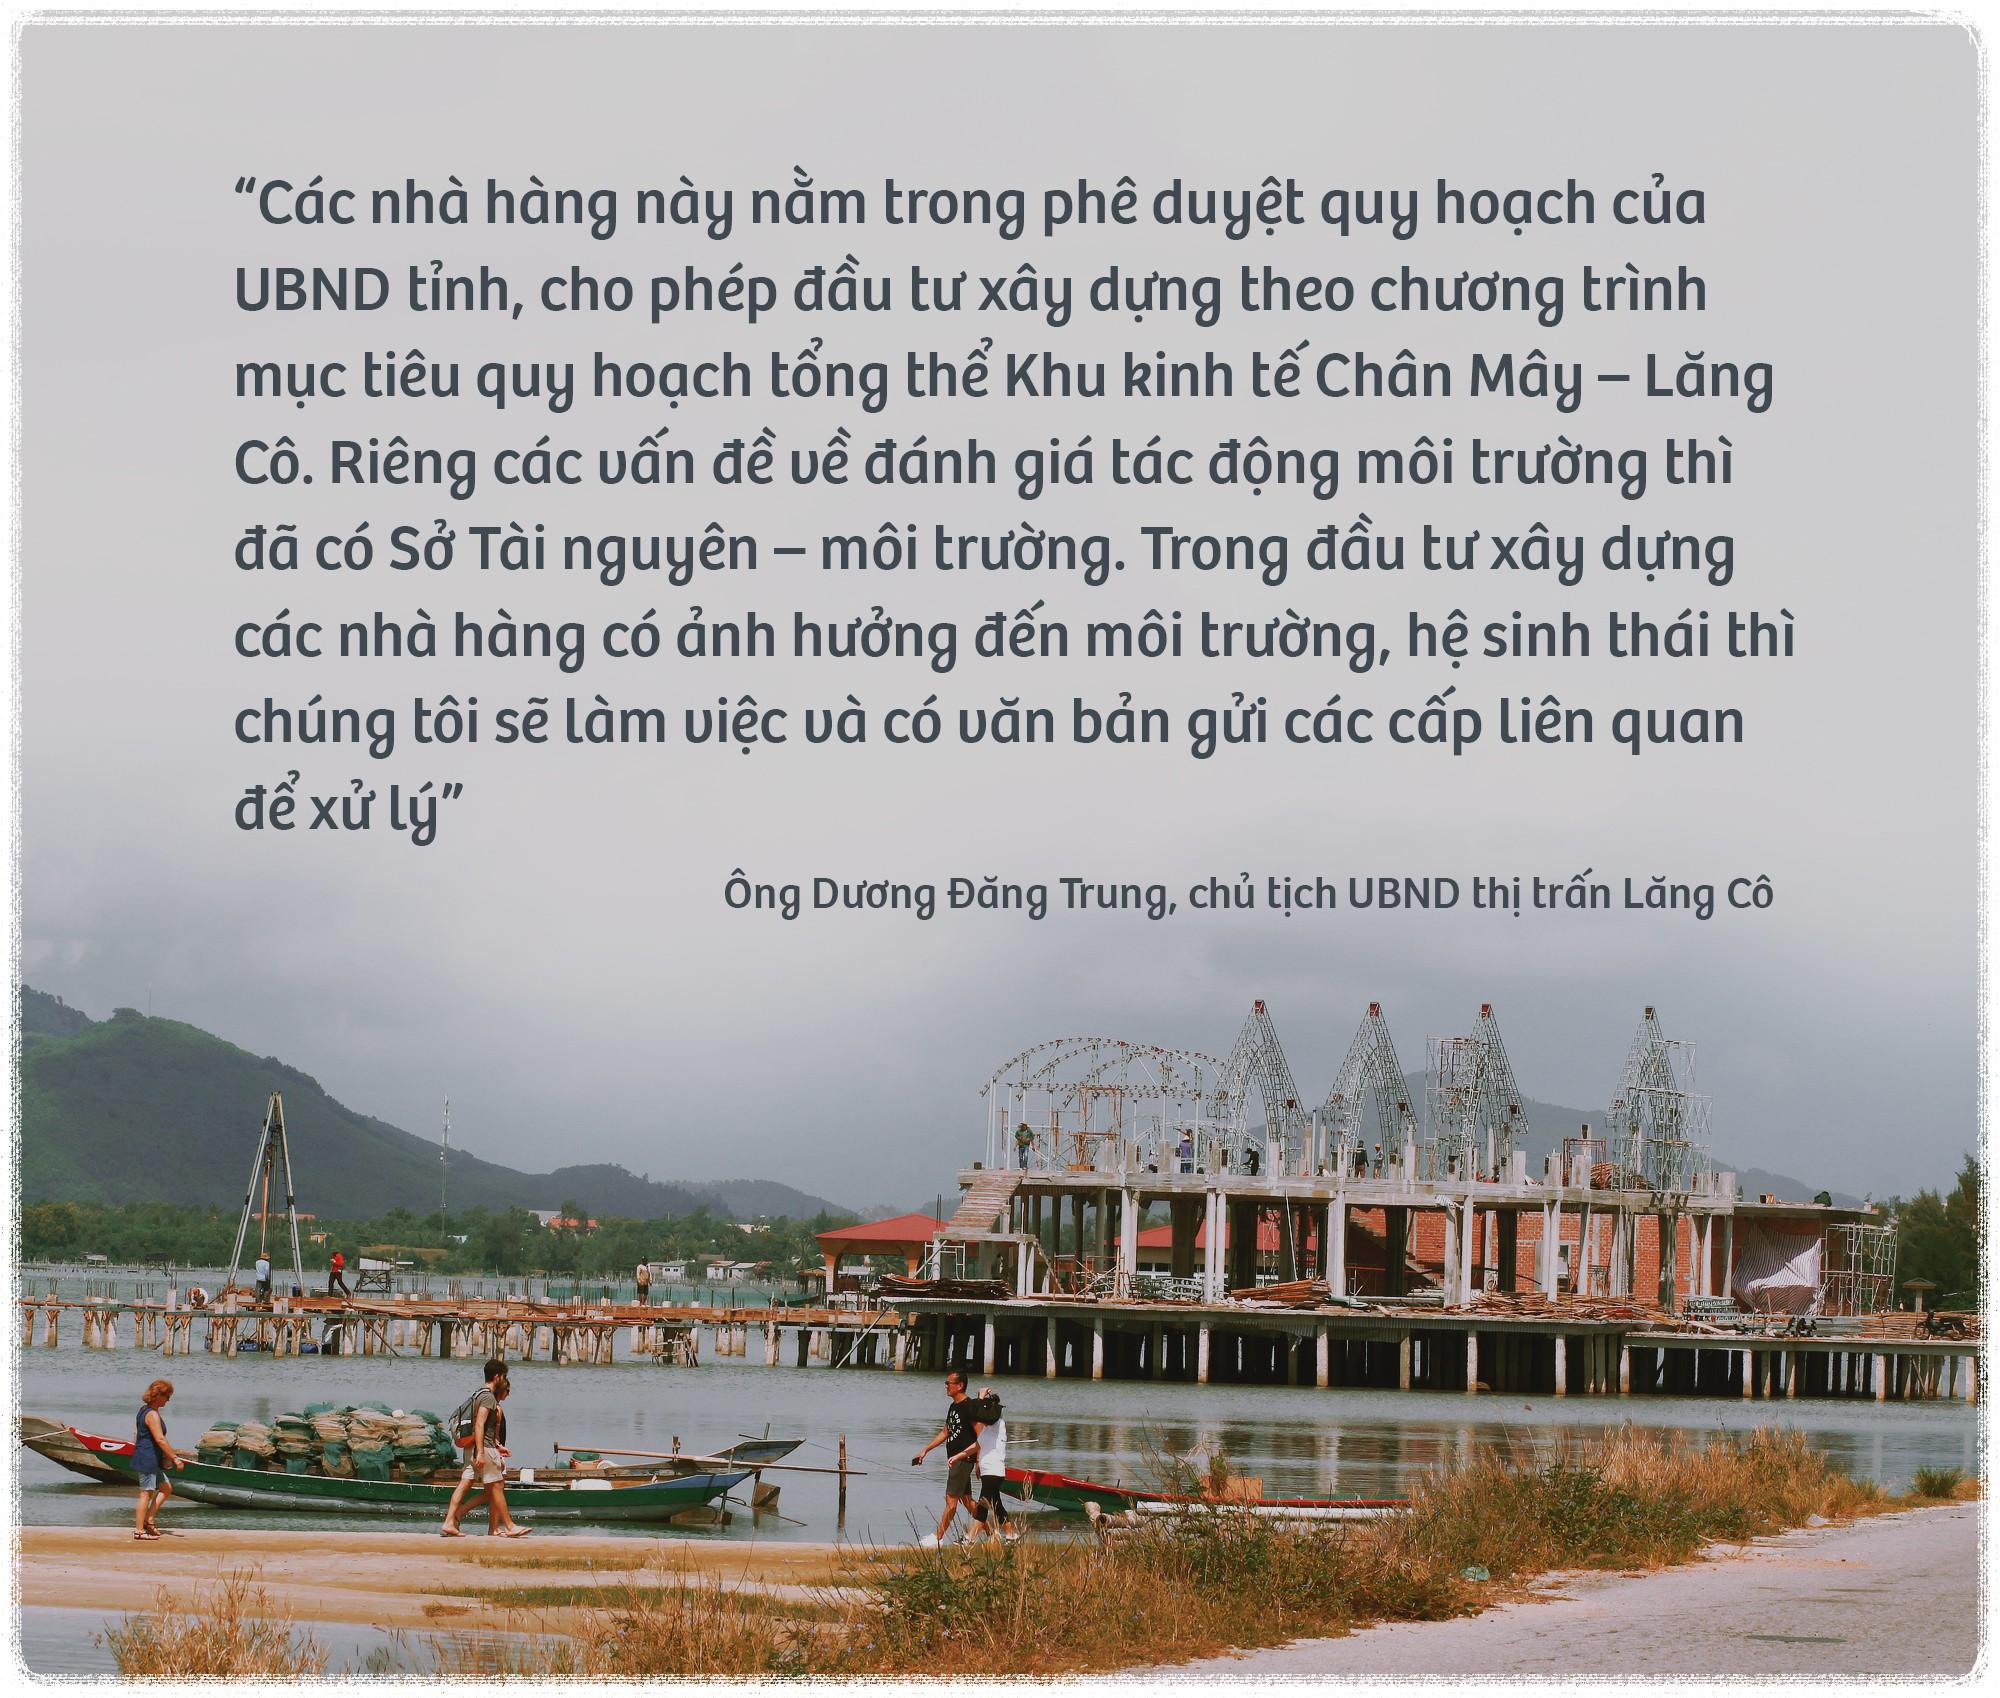 Bê tông hoá đầm Lập An - đầm nước lợ đẹp nhất miền Trung - Ảnh 6.